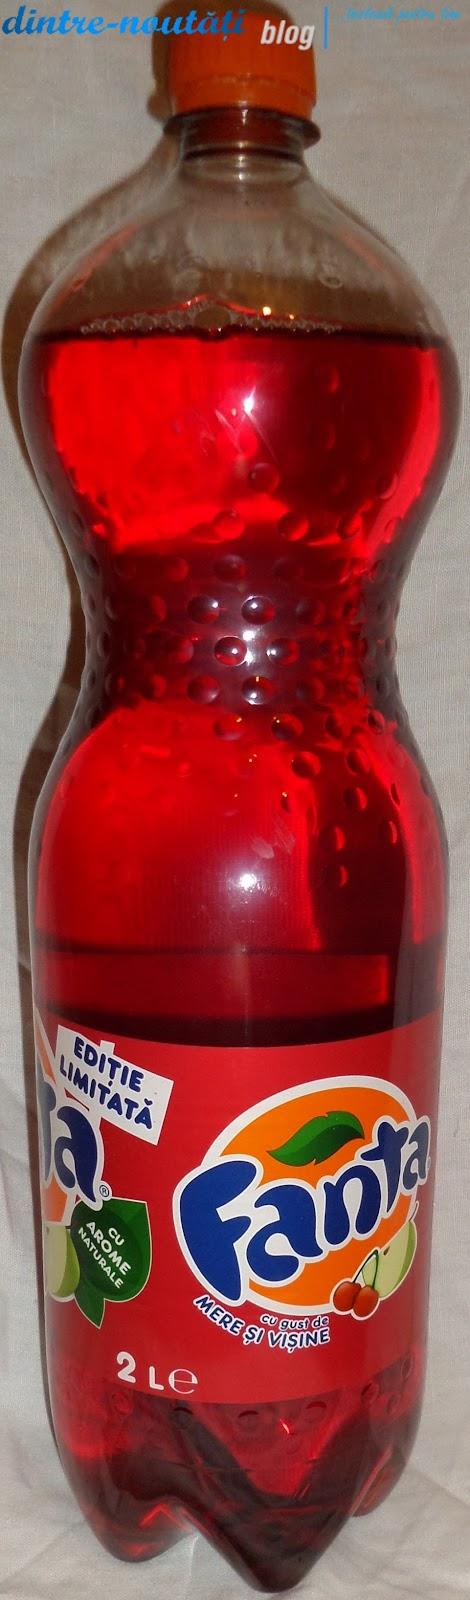 Băutură răcoritoare carbogazoasă cu gust de mere și vișine cu zahăr și îndulcitori